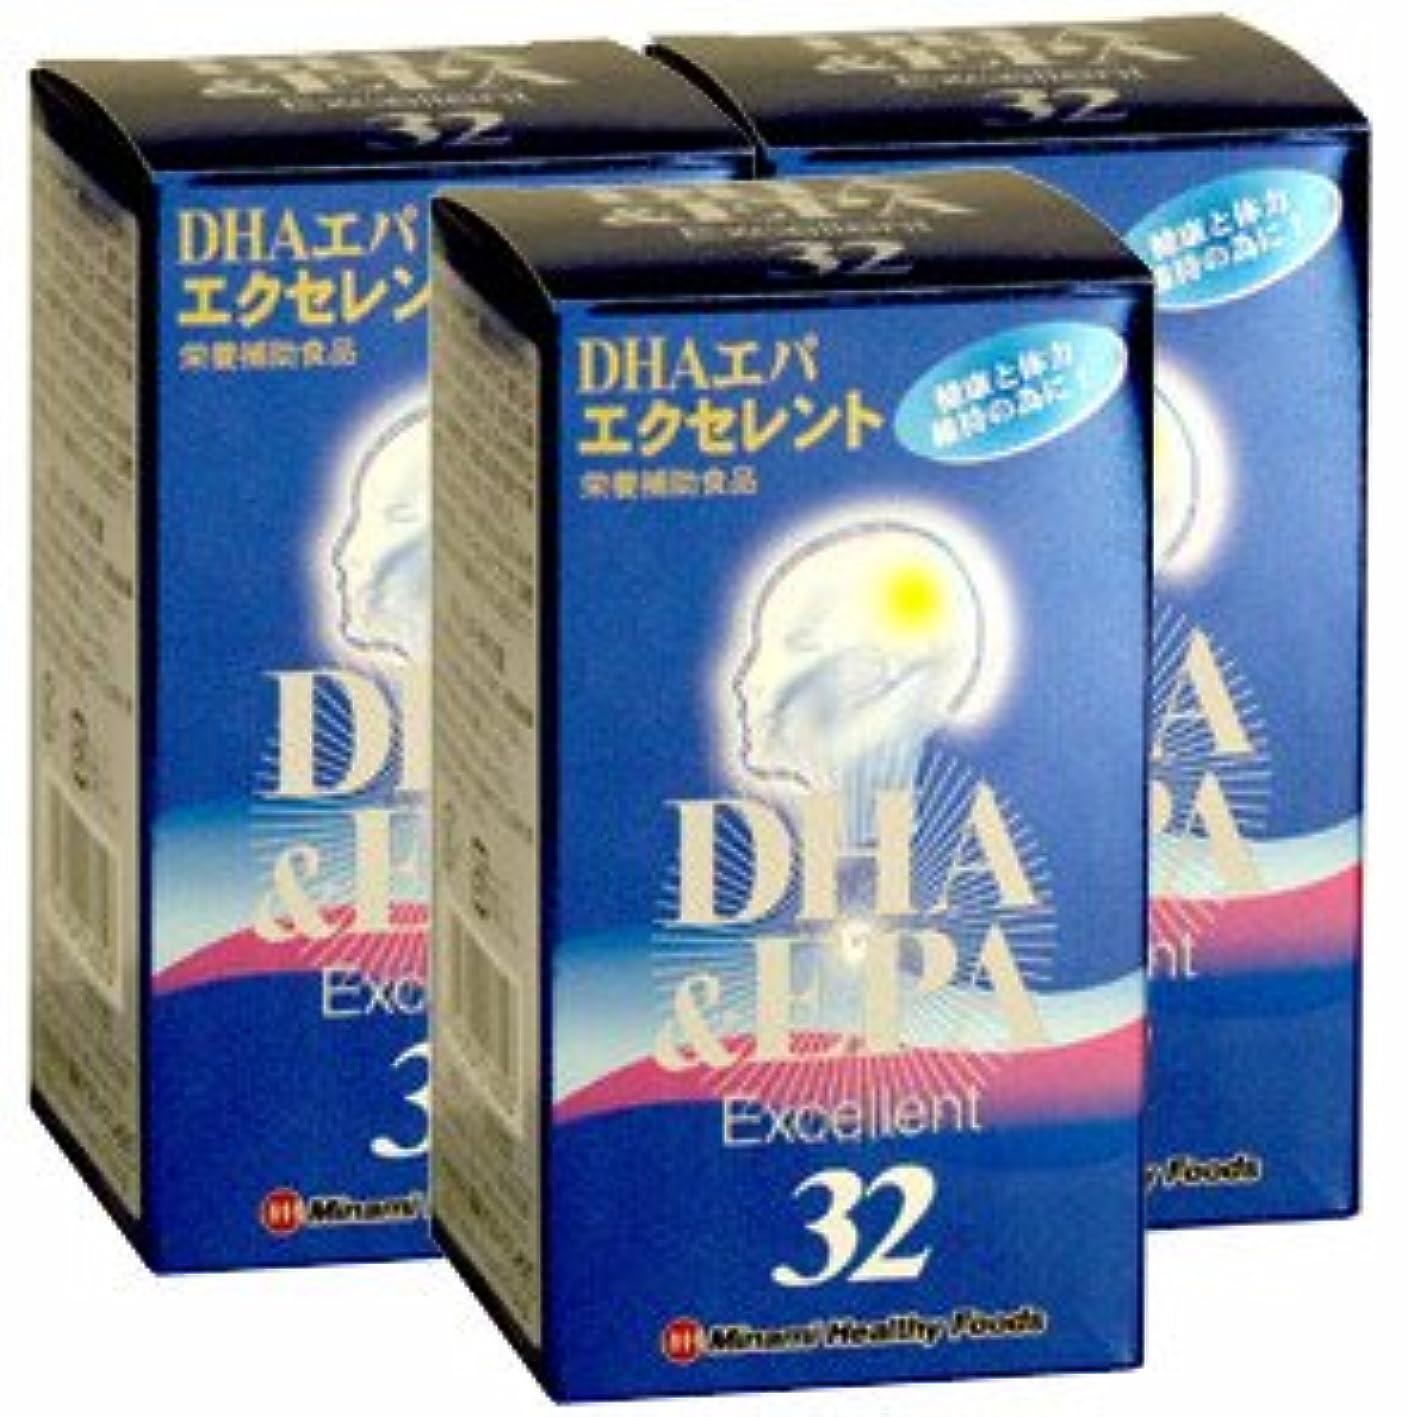 量アレルギー美容師DHAエパエクセレント32【3本セット】ミナミヘルシーフーズ